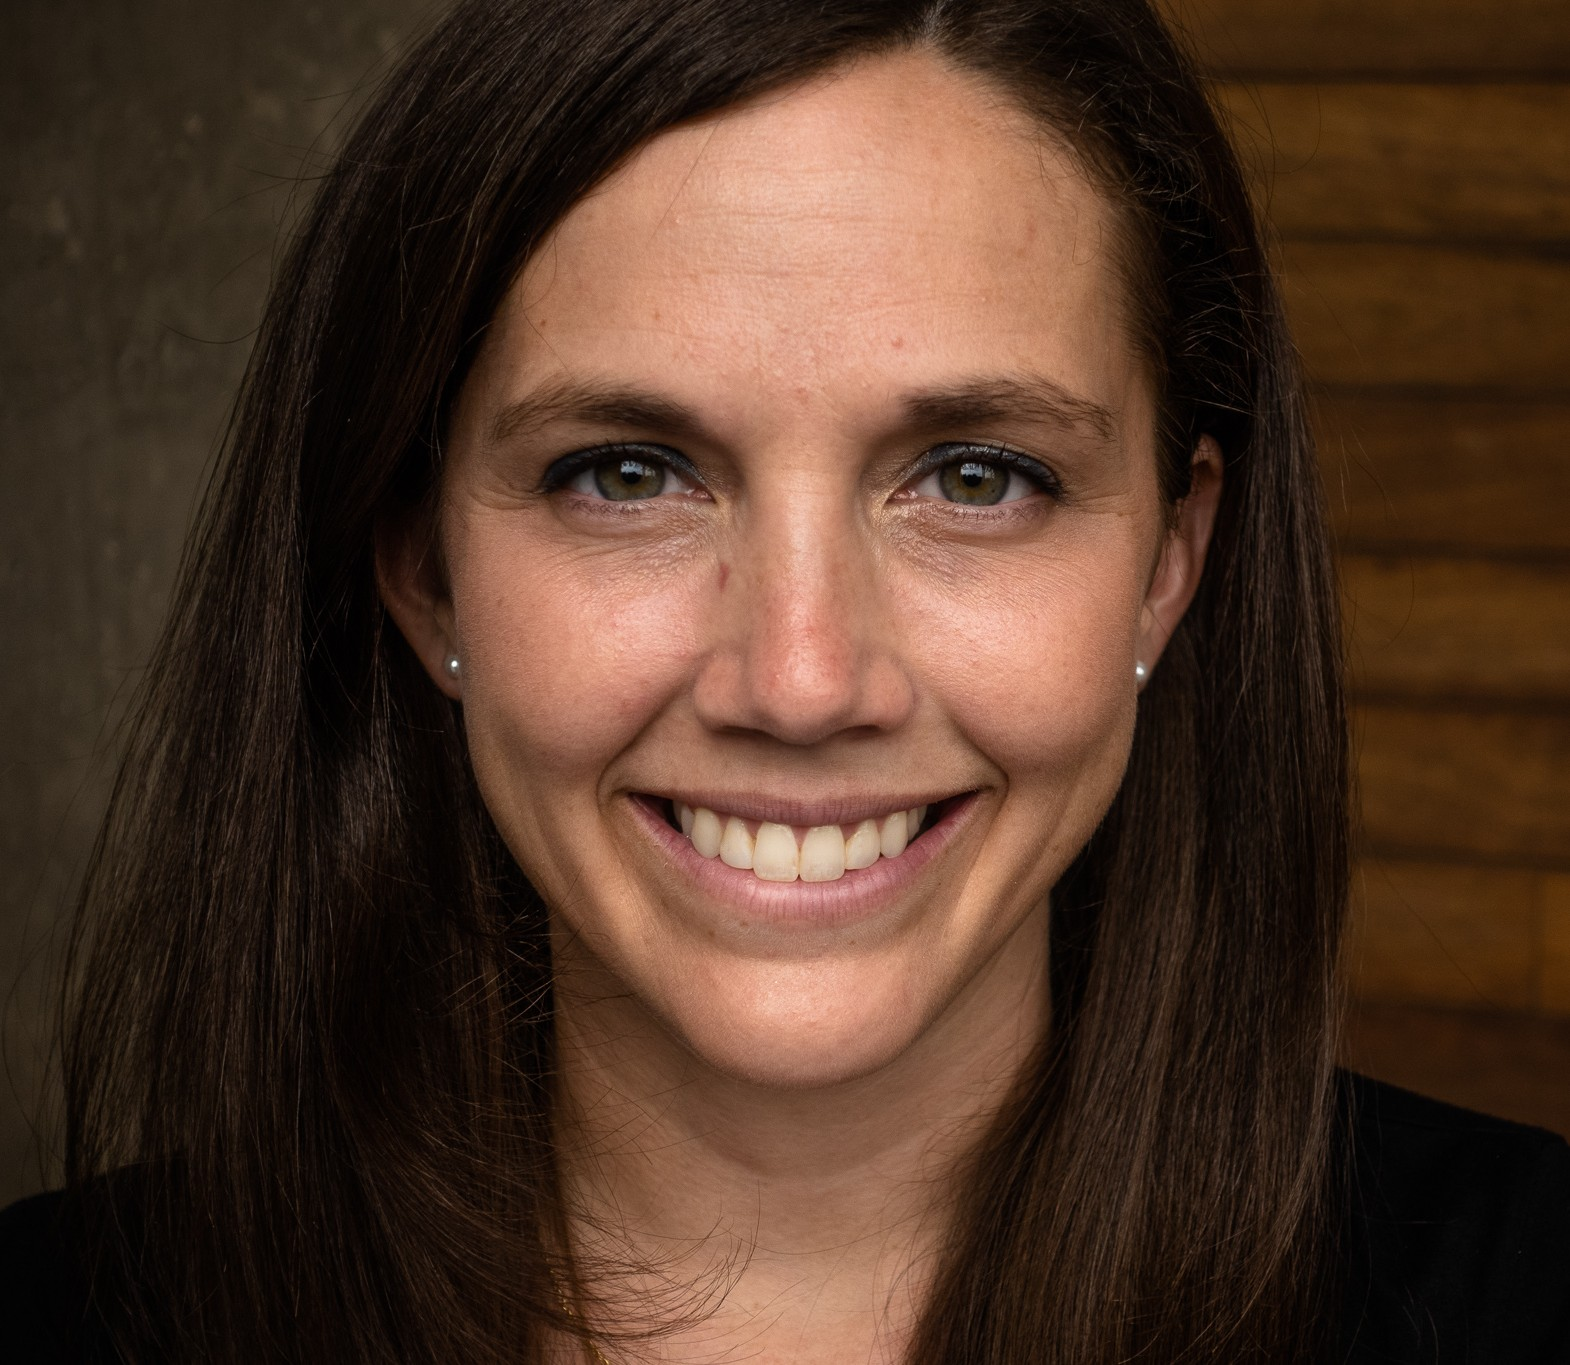 Emily Hoefling